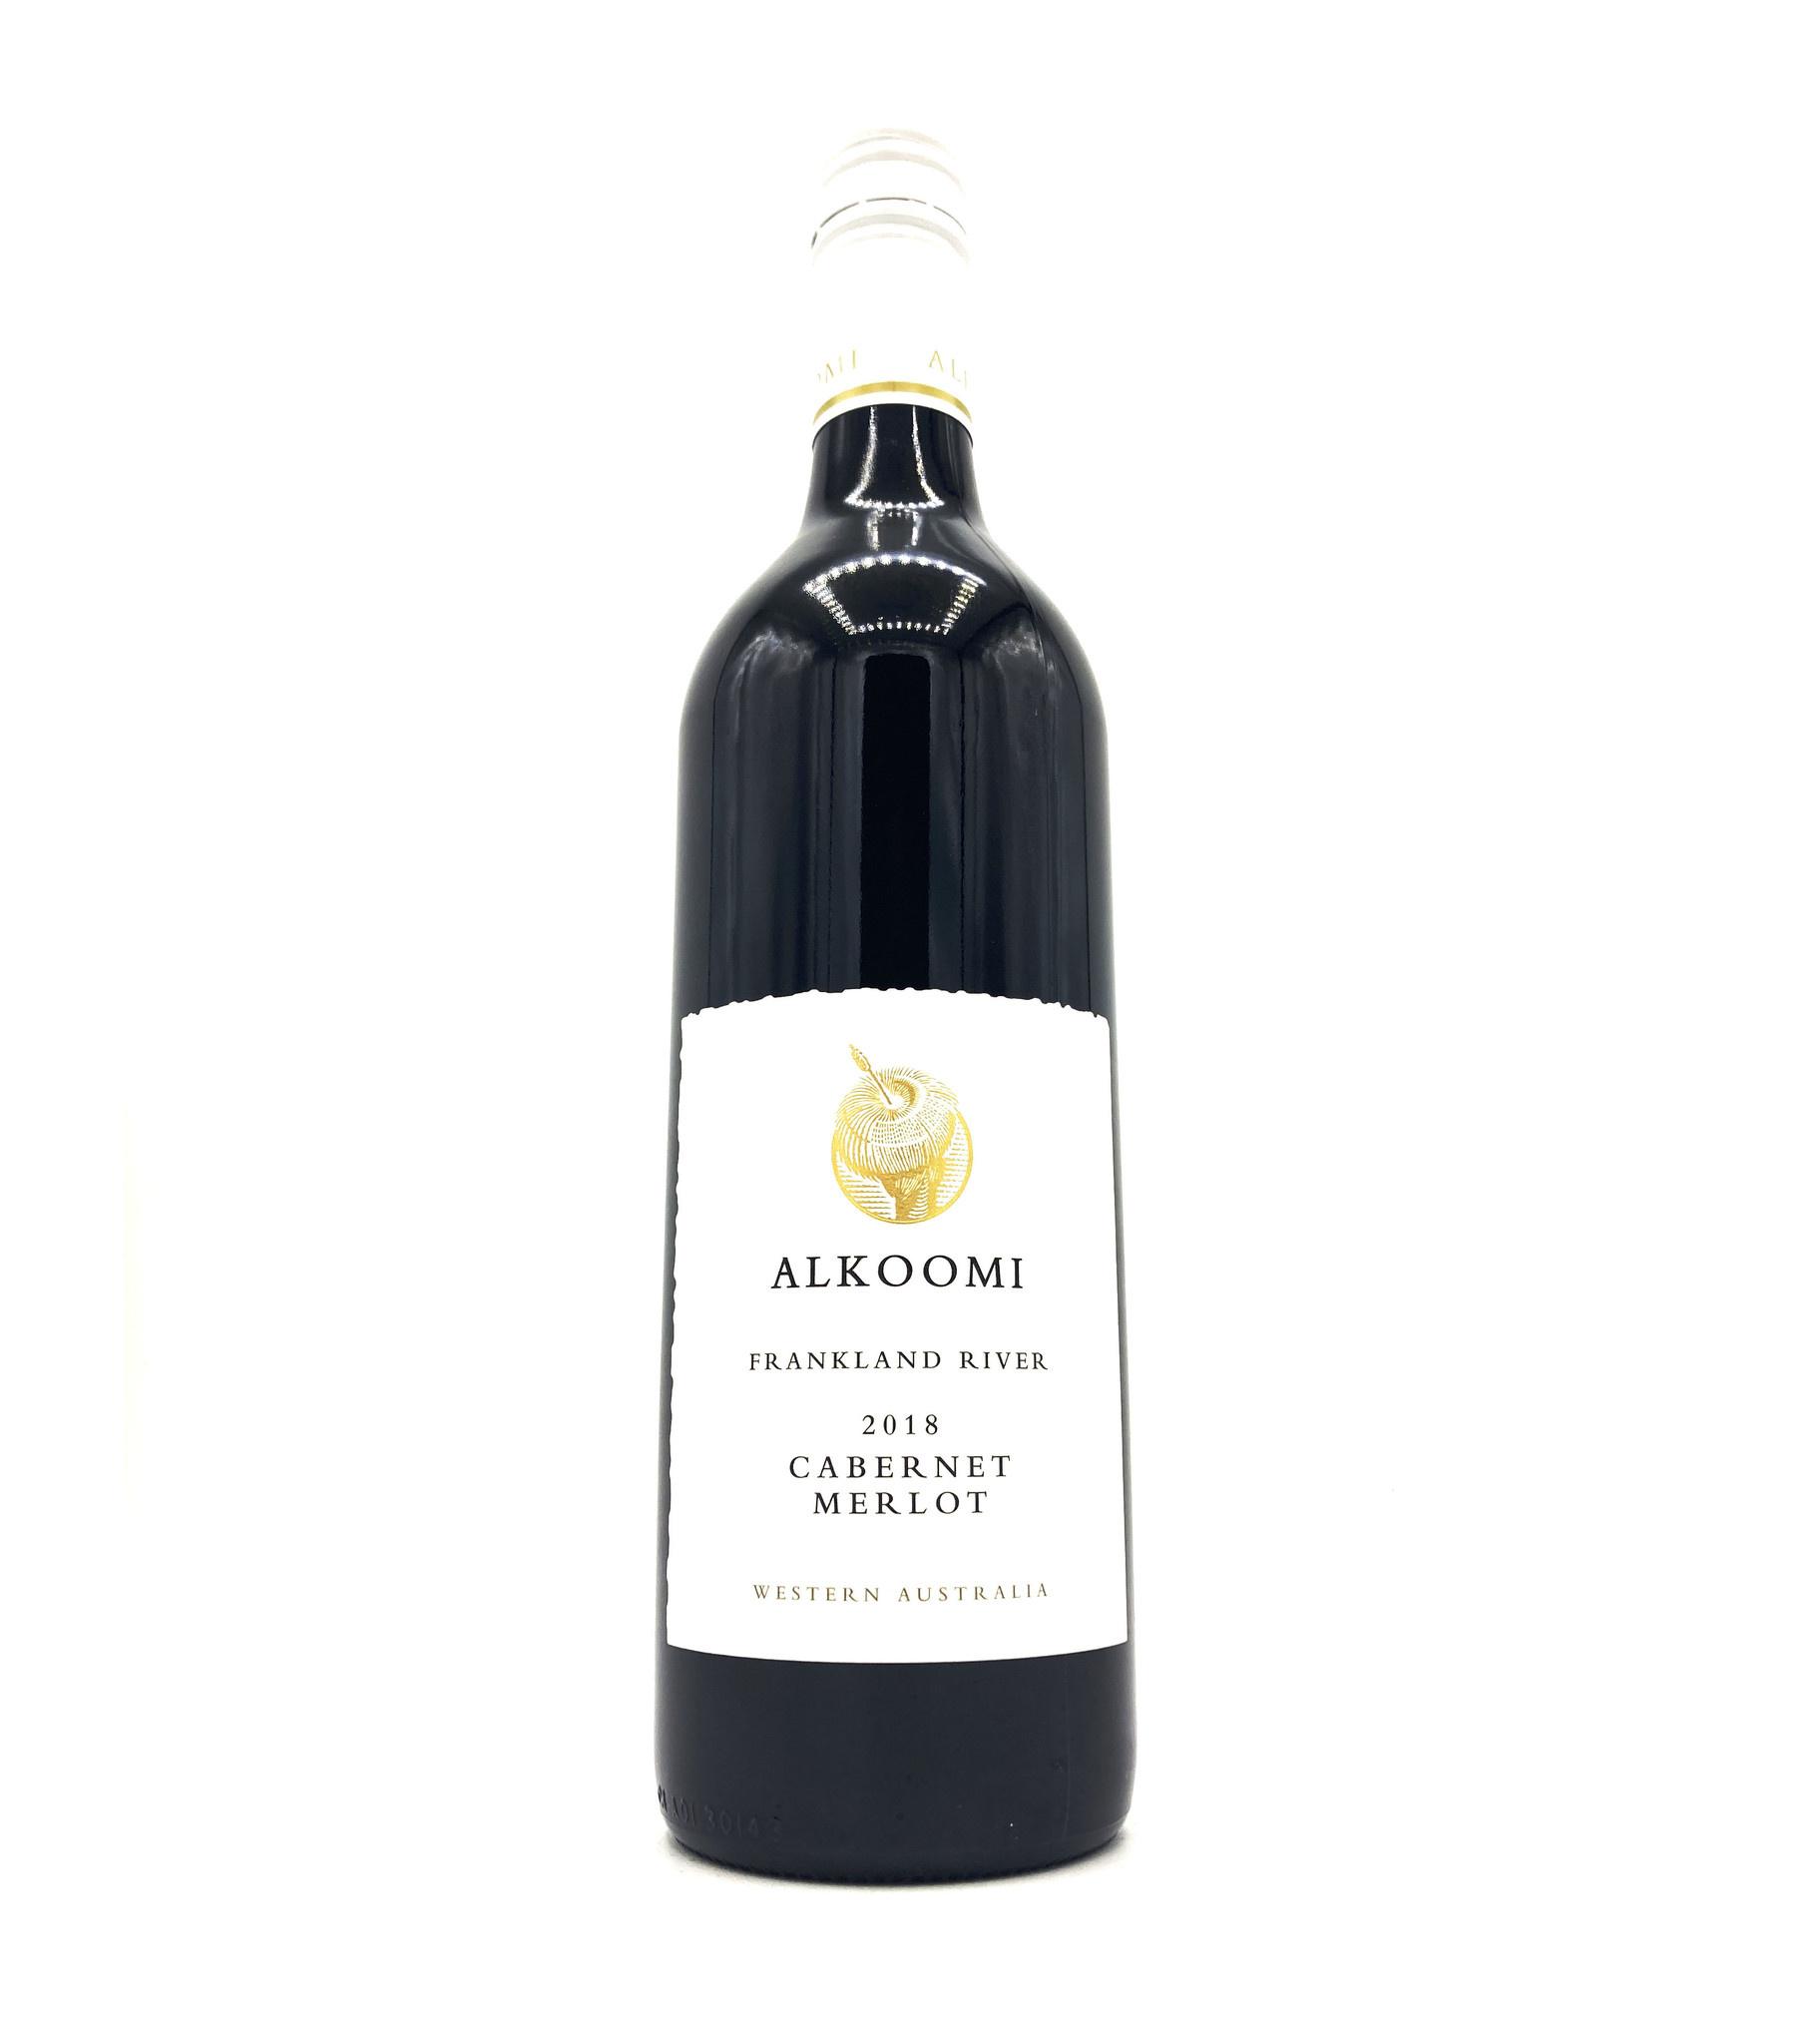 Cabernet Merlot 2019 Alkoomi